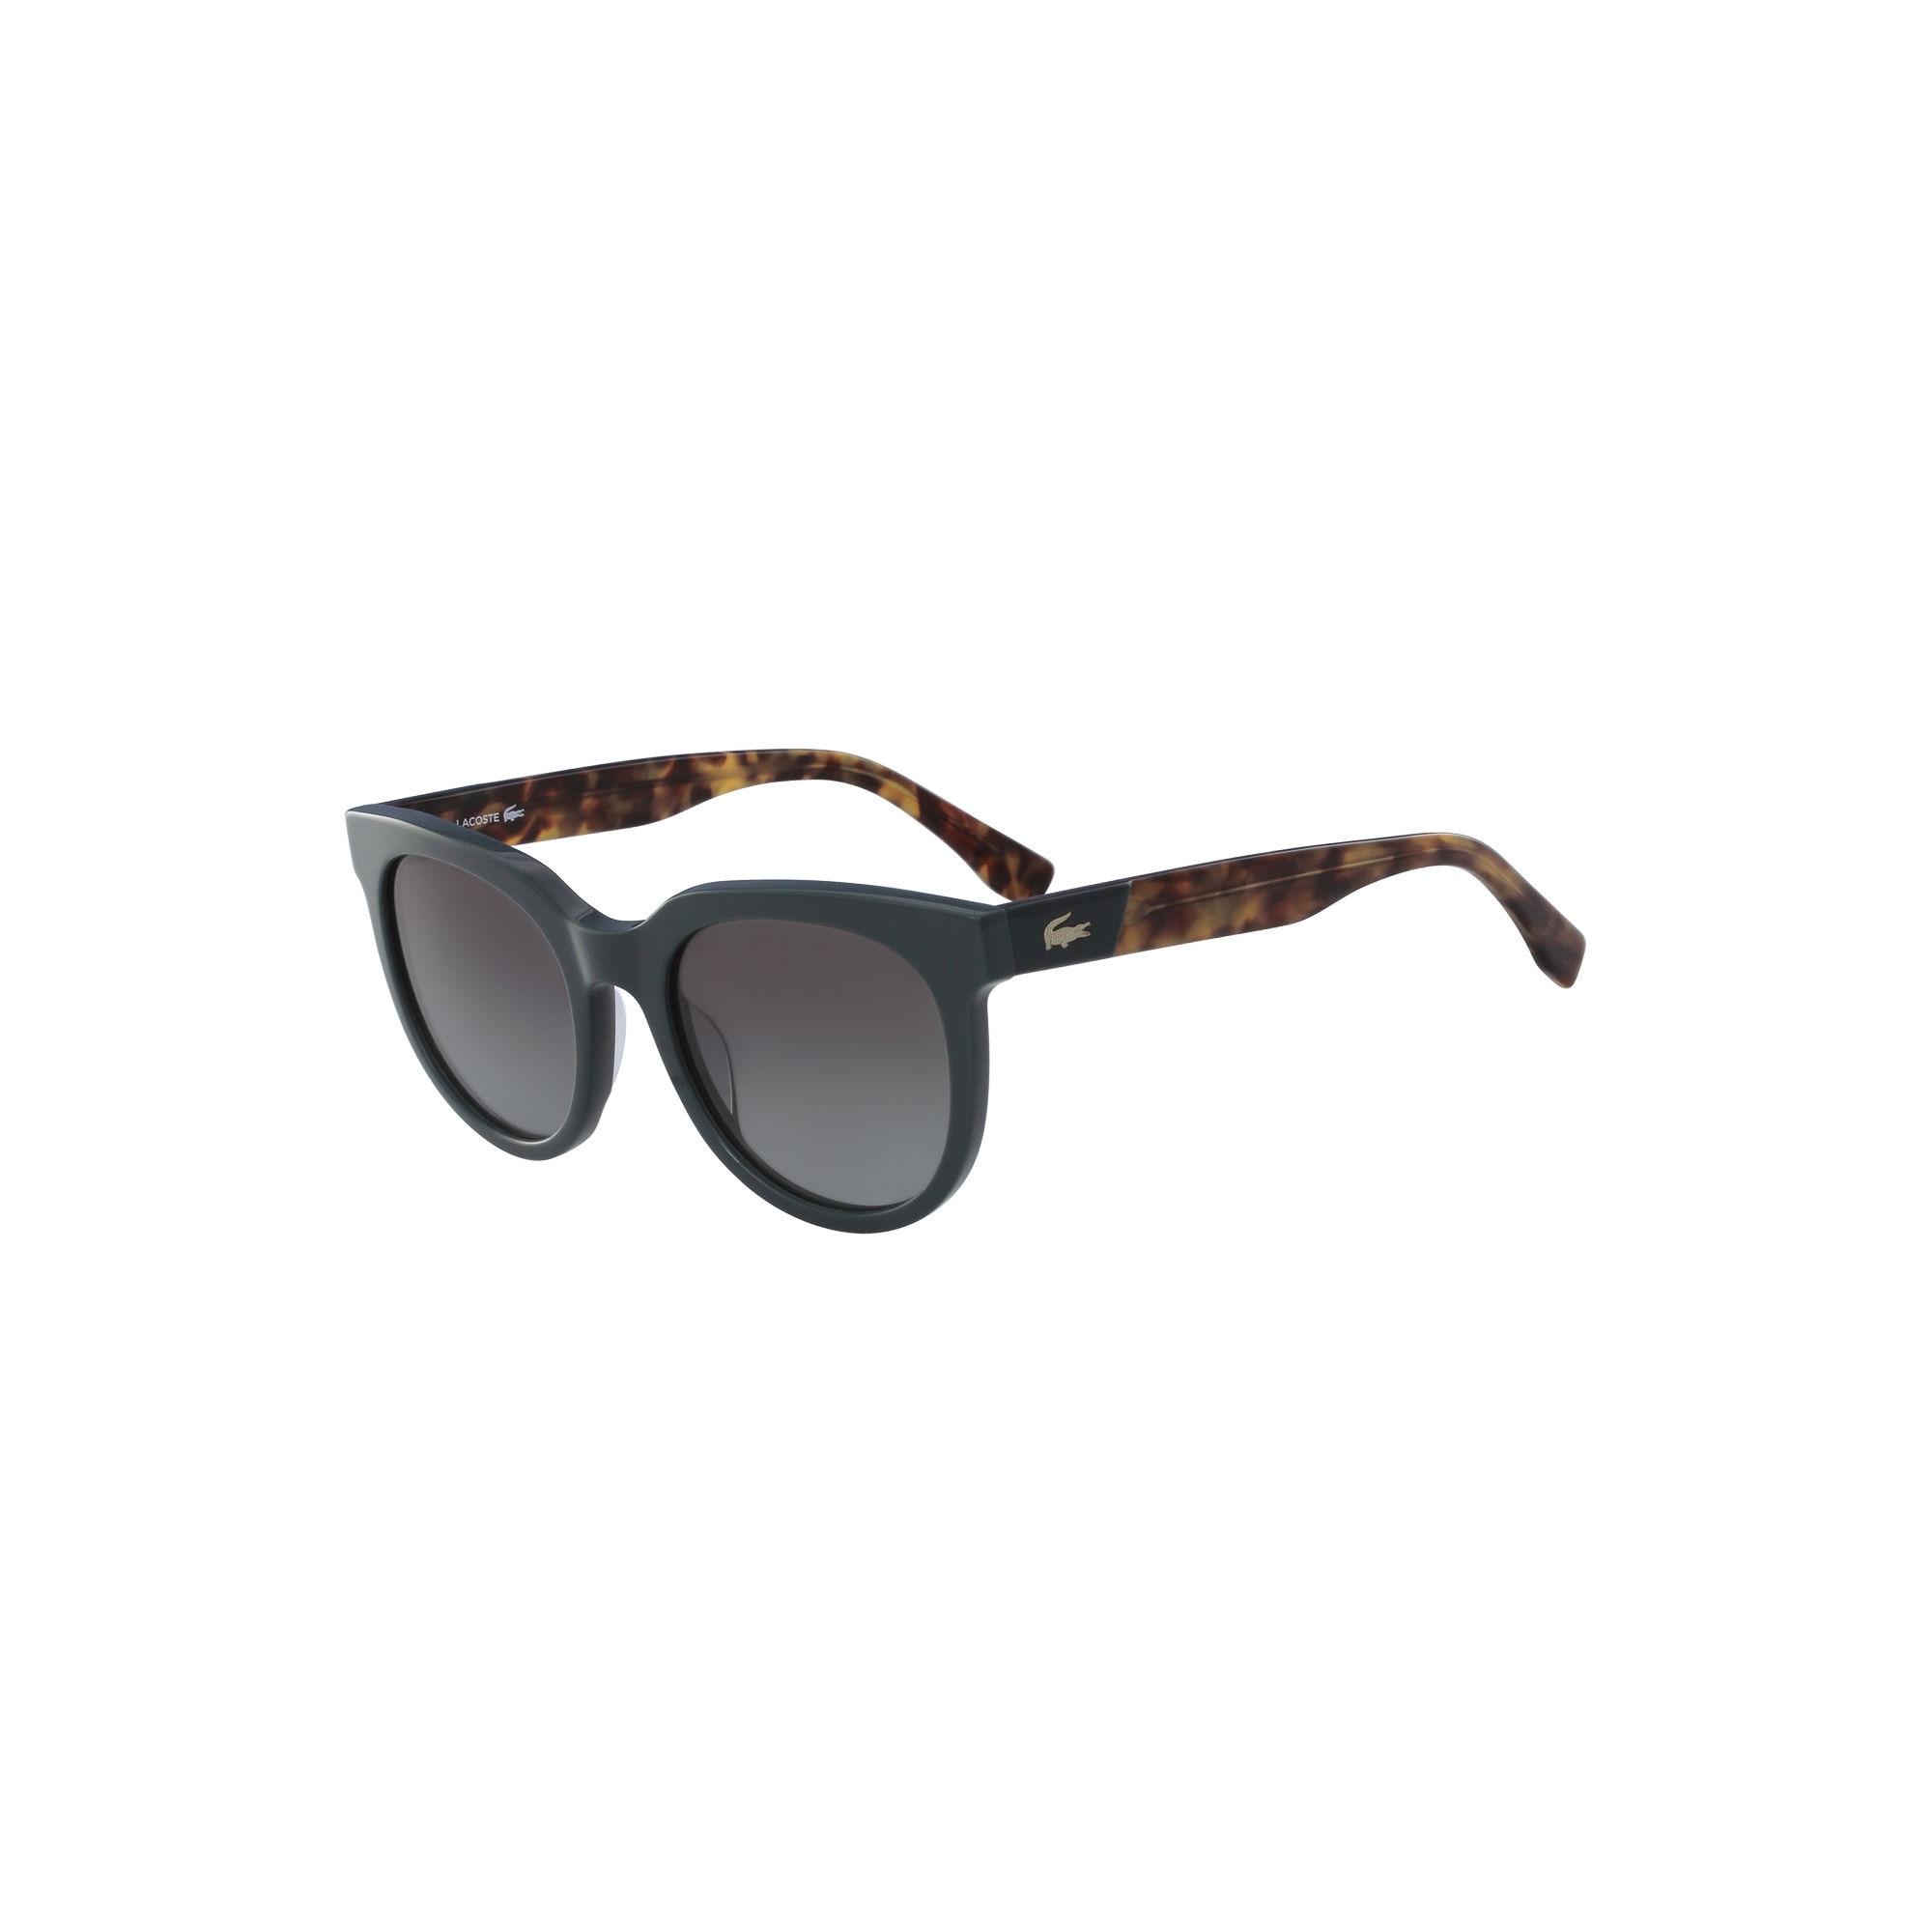 2000x2000 Sunglasses For Women Accessories Lacoste